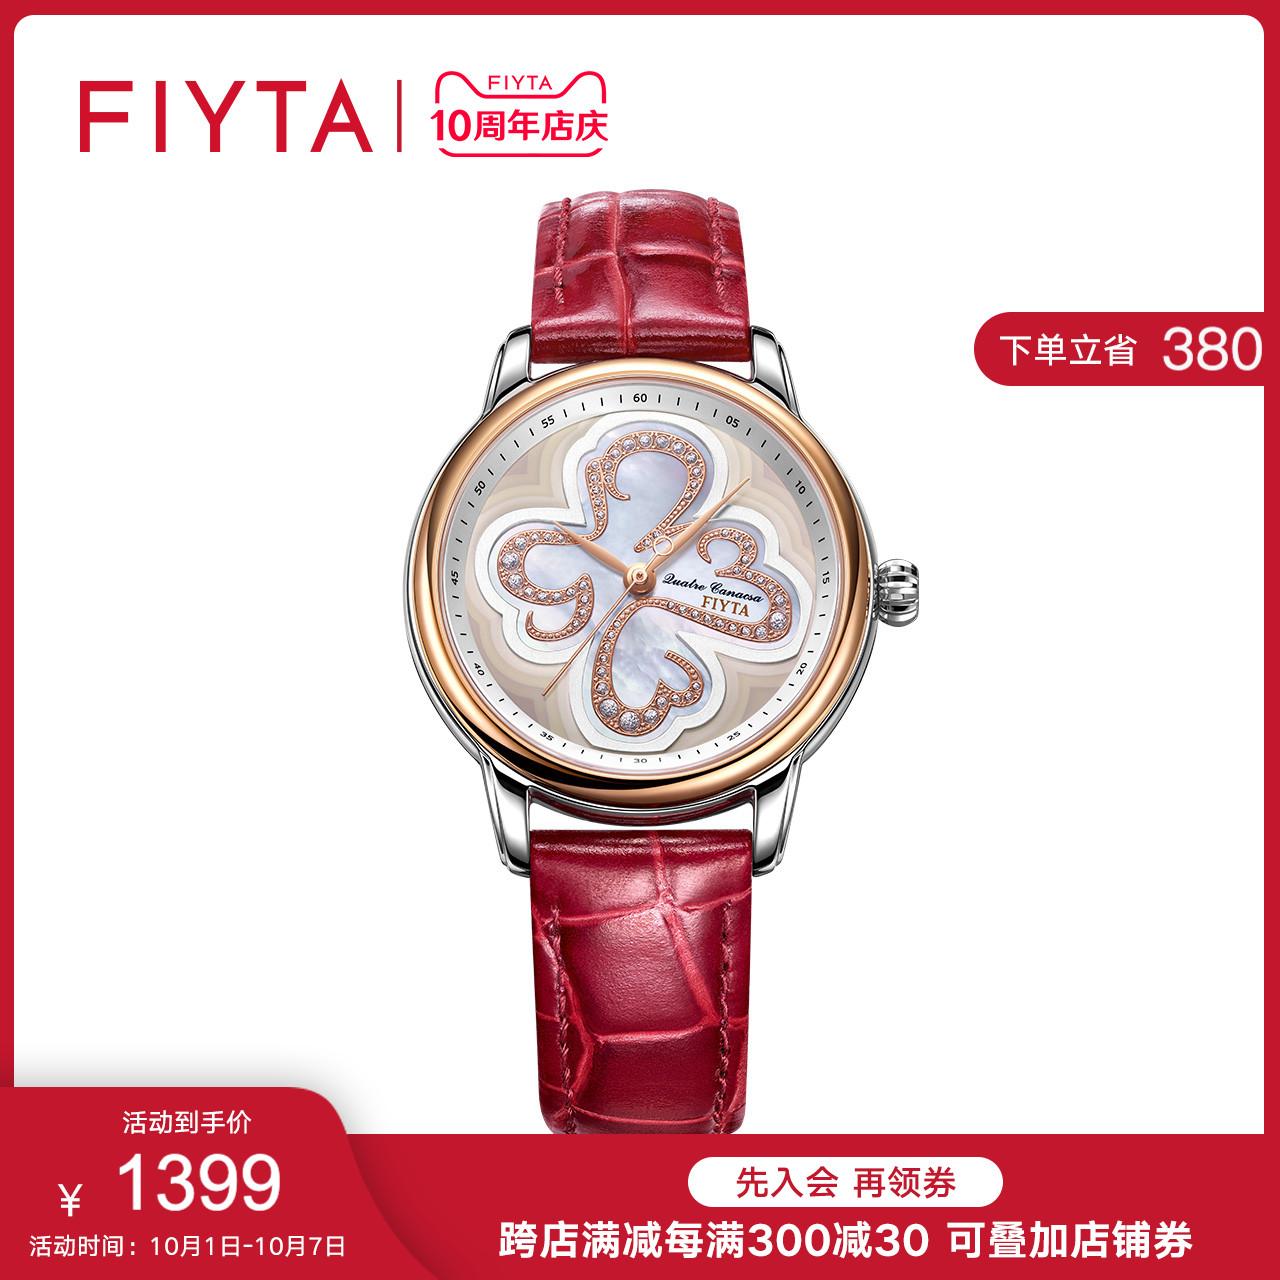 高圆圆代言飞亚达手表女四叶草系列机械表镶钻红色皮带女表时尚潮流女士手表